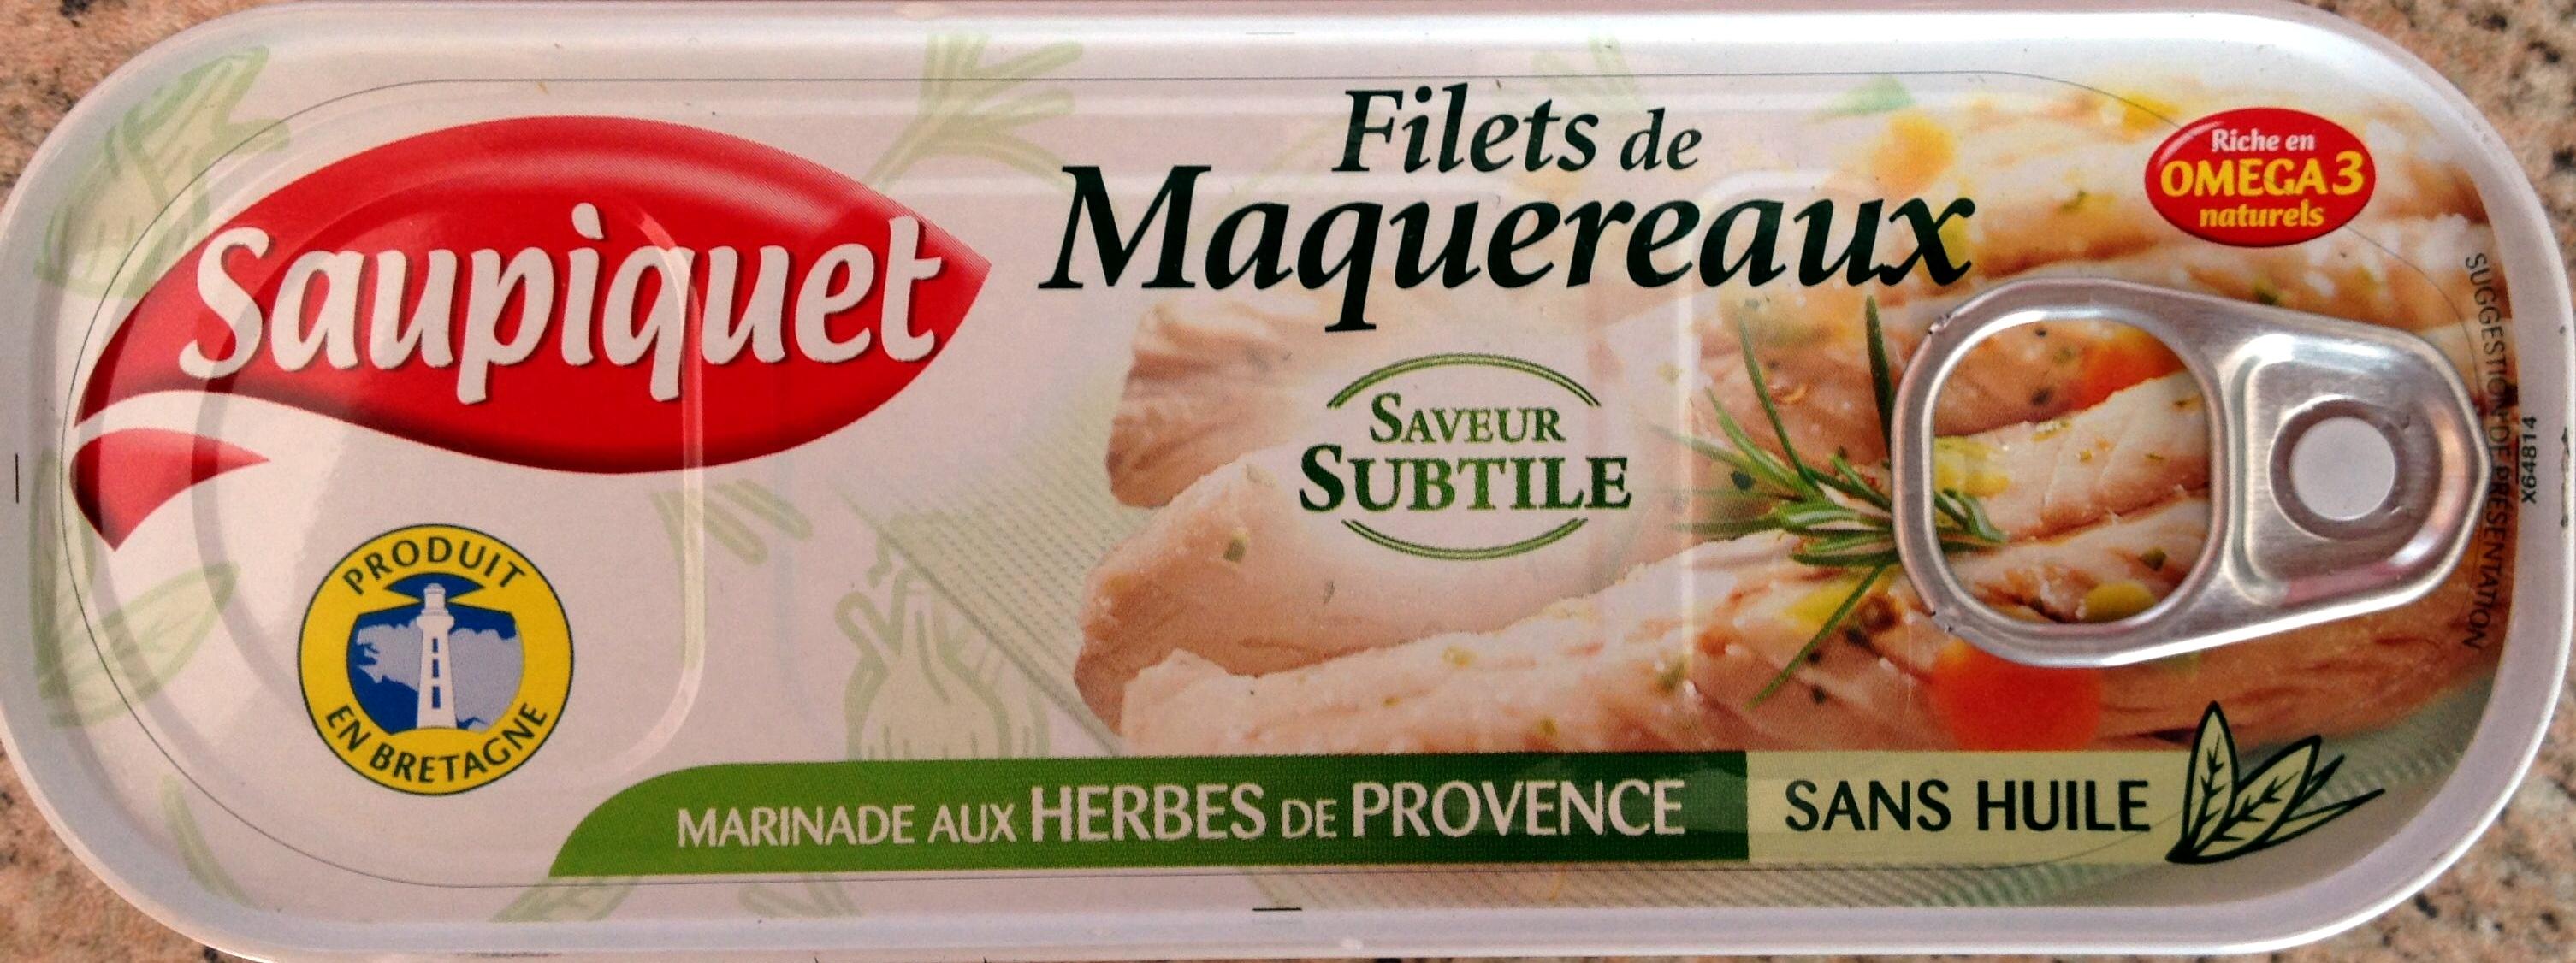 Filets de Maquereaux (Marinade aux Herbes de Provence) - Product